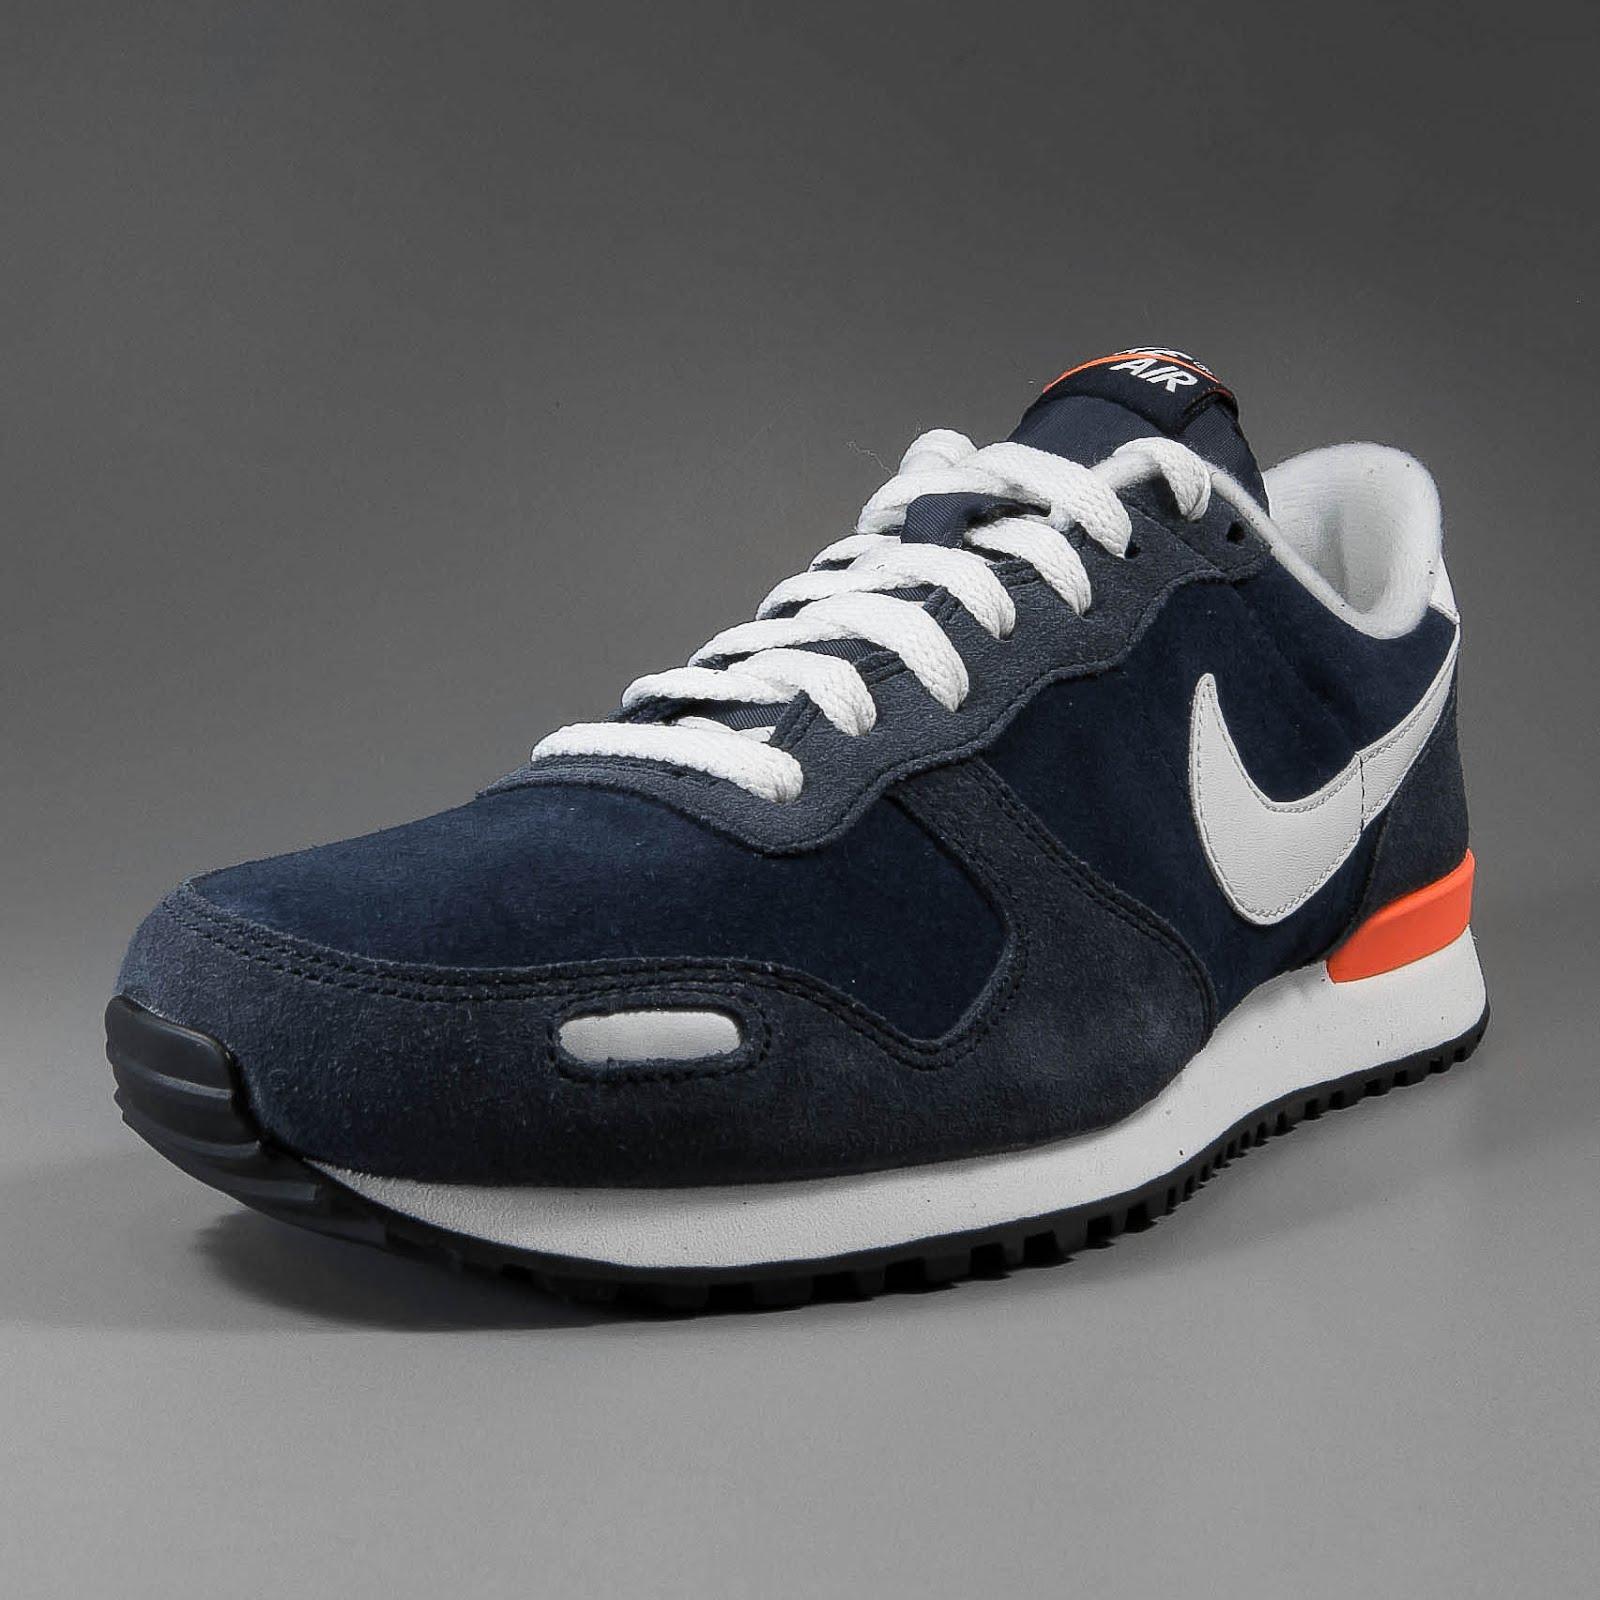 ... Der Nike Air Vortex im 2012er MakeUp! Klassischer Retro Runner aus  Nubuckleder mit cremefarbenem Swoosh ... 3b4a8e44a